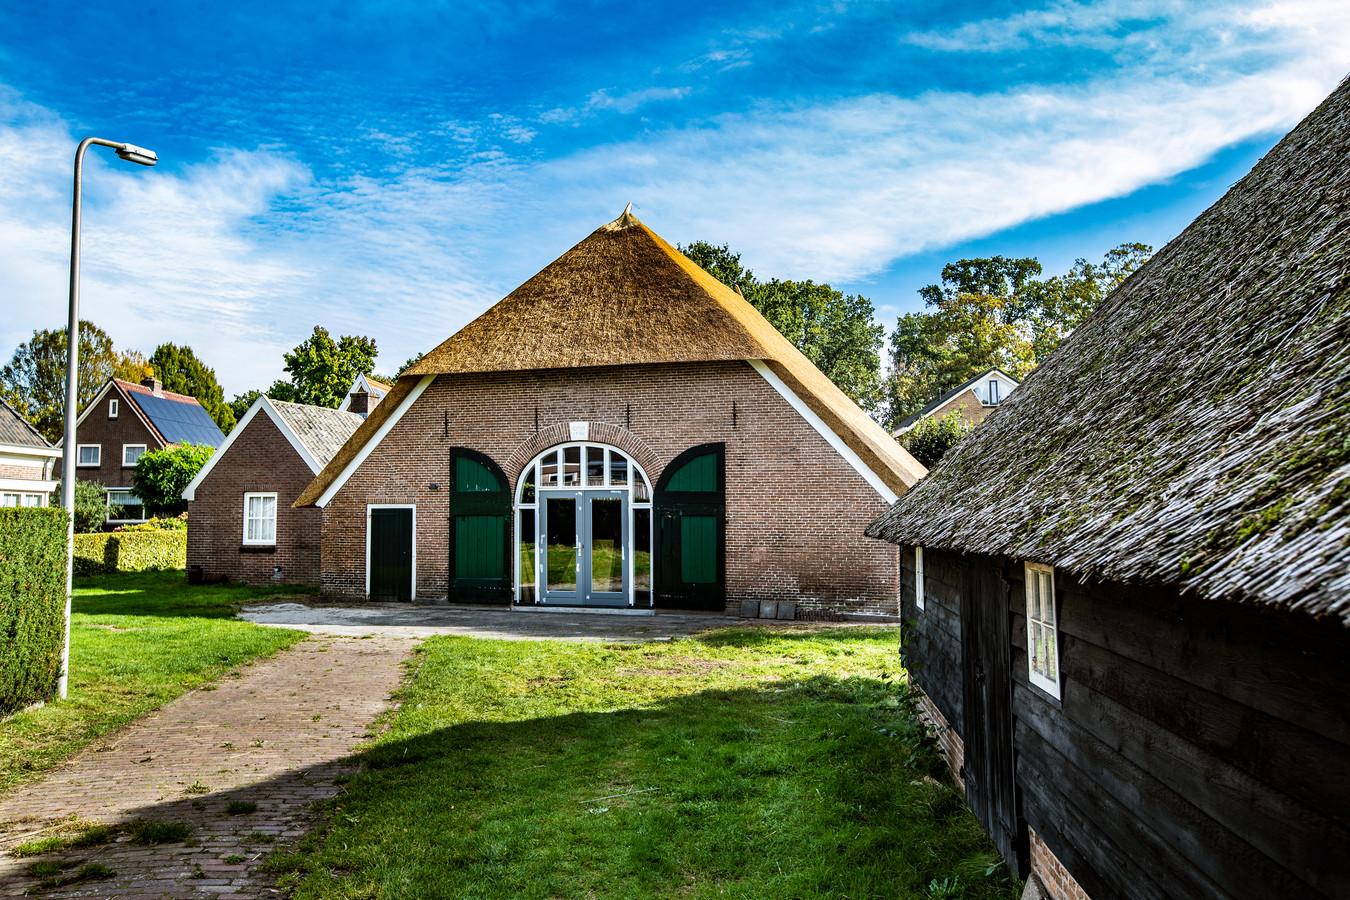 De monumentale boerderij Strunk is gerestaureerd. Nu moet zij omgetoverd worden tot een multifunctioneel centrum.